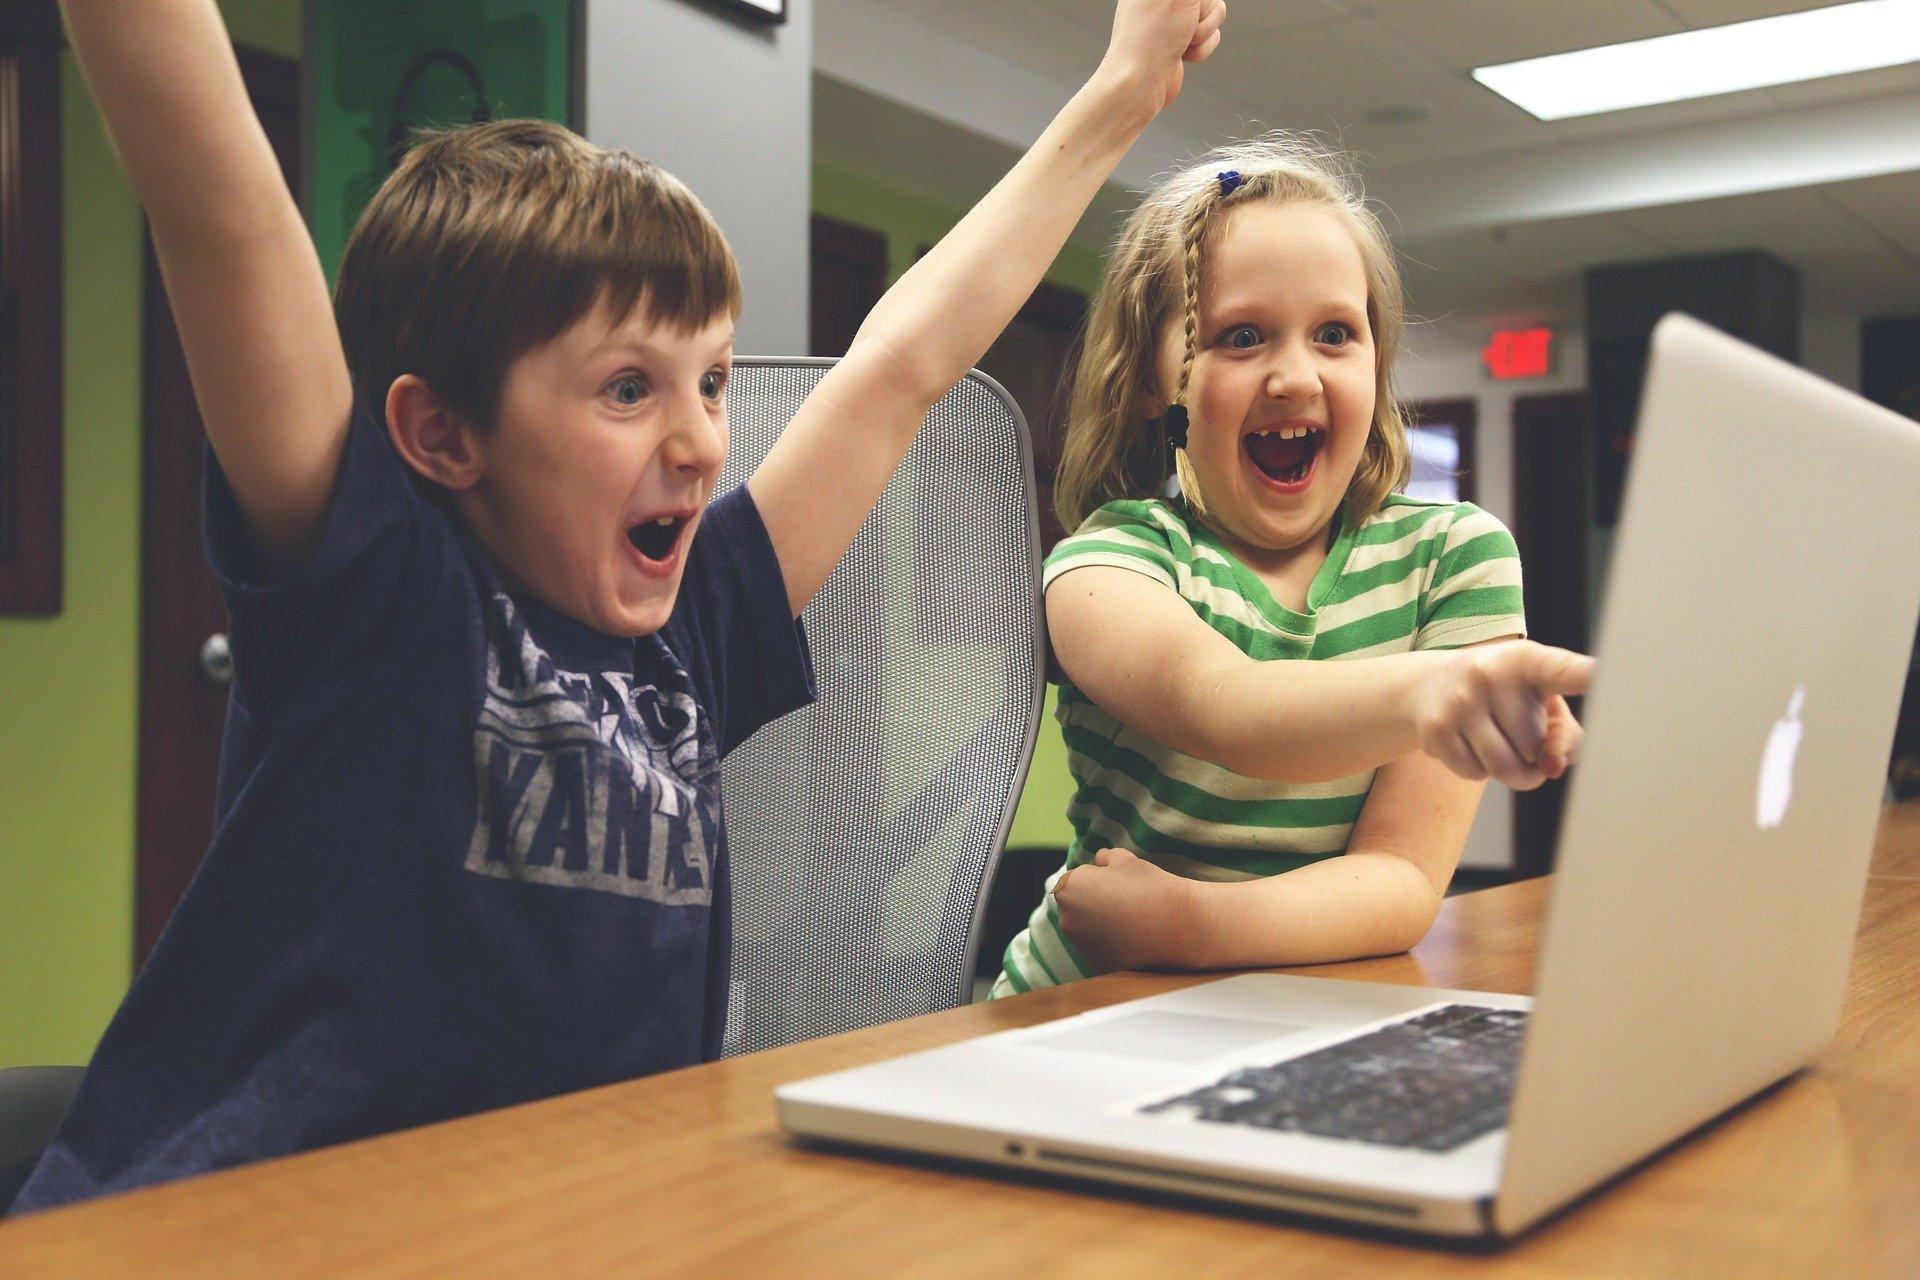 Dwoje dzieci: chłopeic i dzewczynka siedzą przy laptopie z rękoma w górze